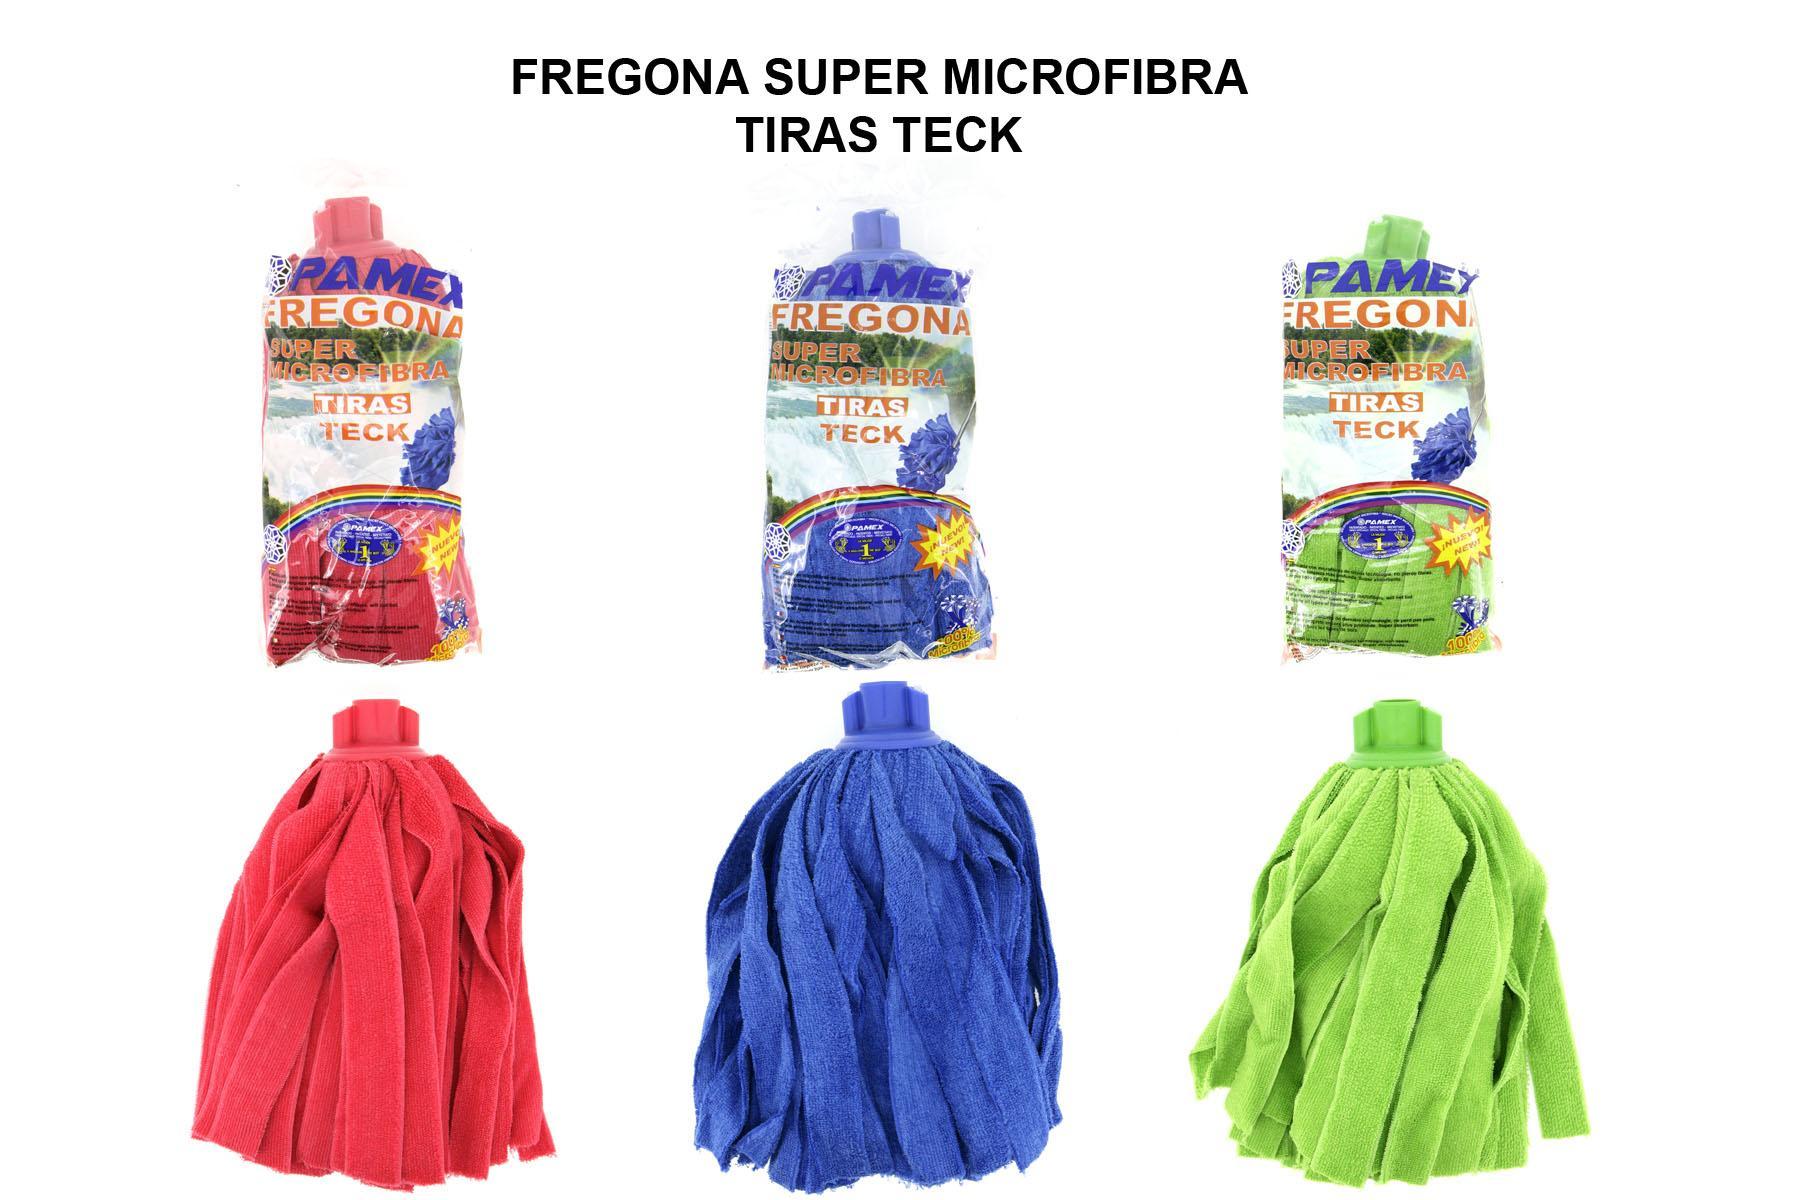 FREGONA SUPER MICROFIBRA TIRAS TECK